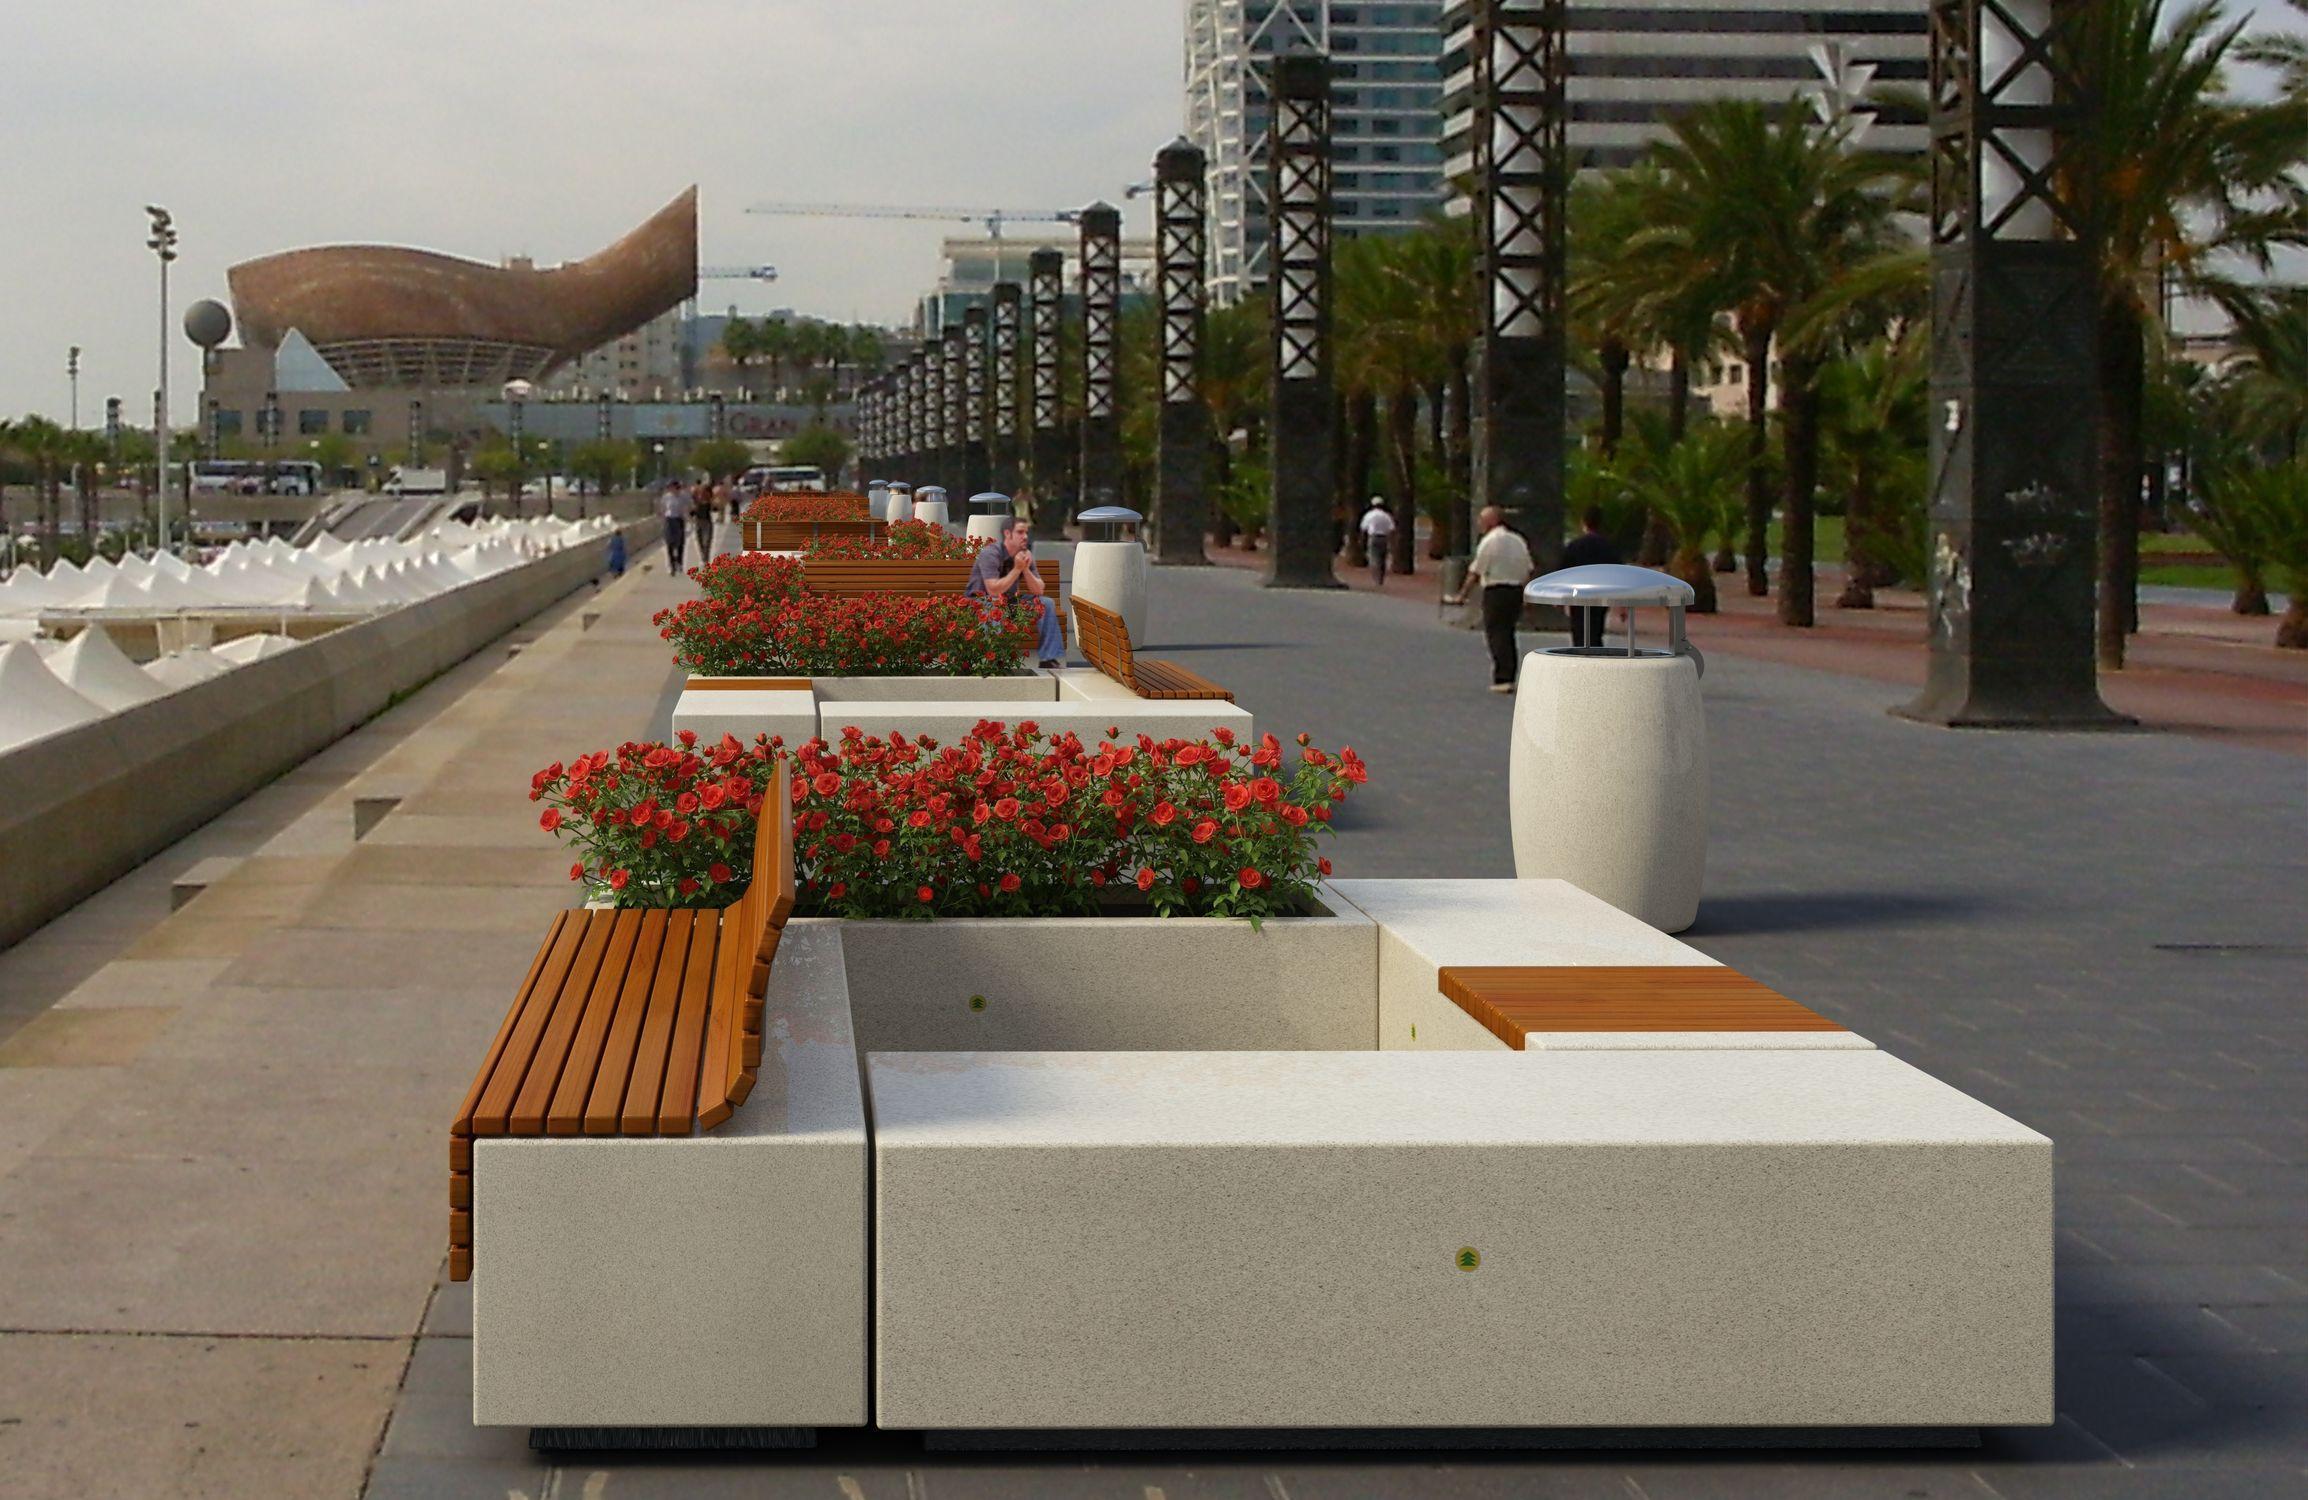 El m rmol decorativo y mobiliario urbano todo sobre - Pavimentos de piedra natural ...